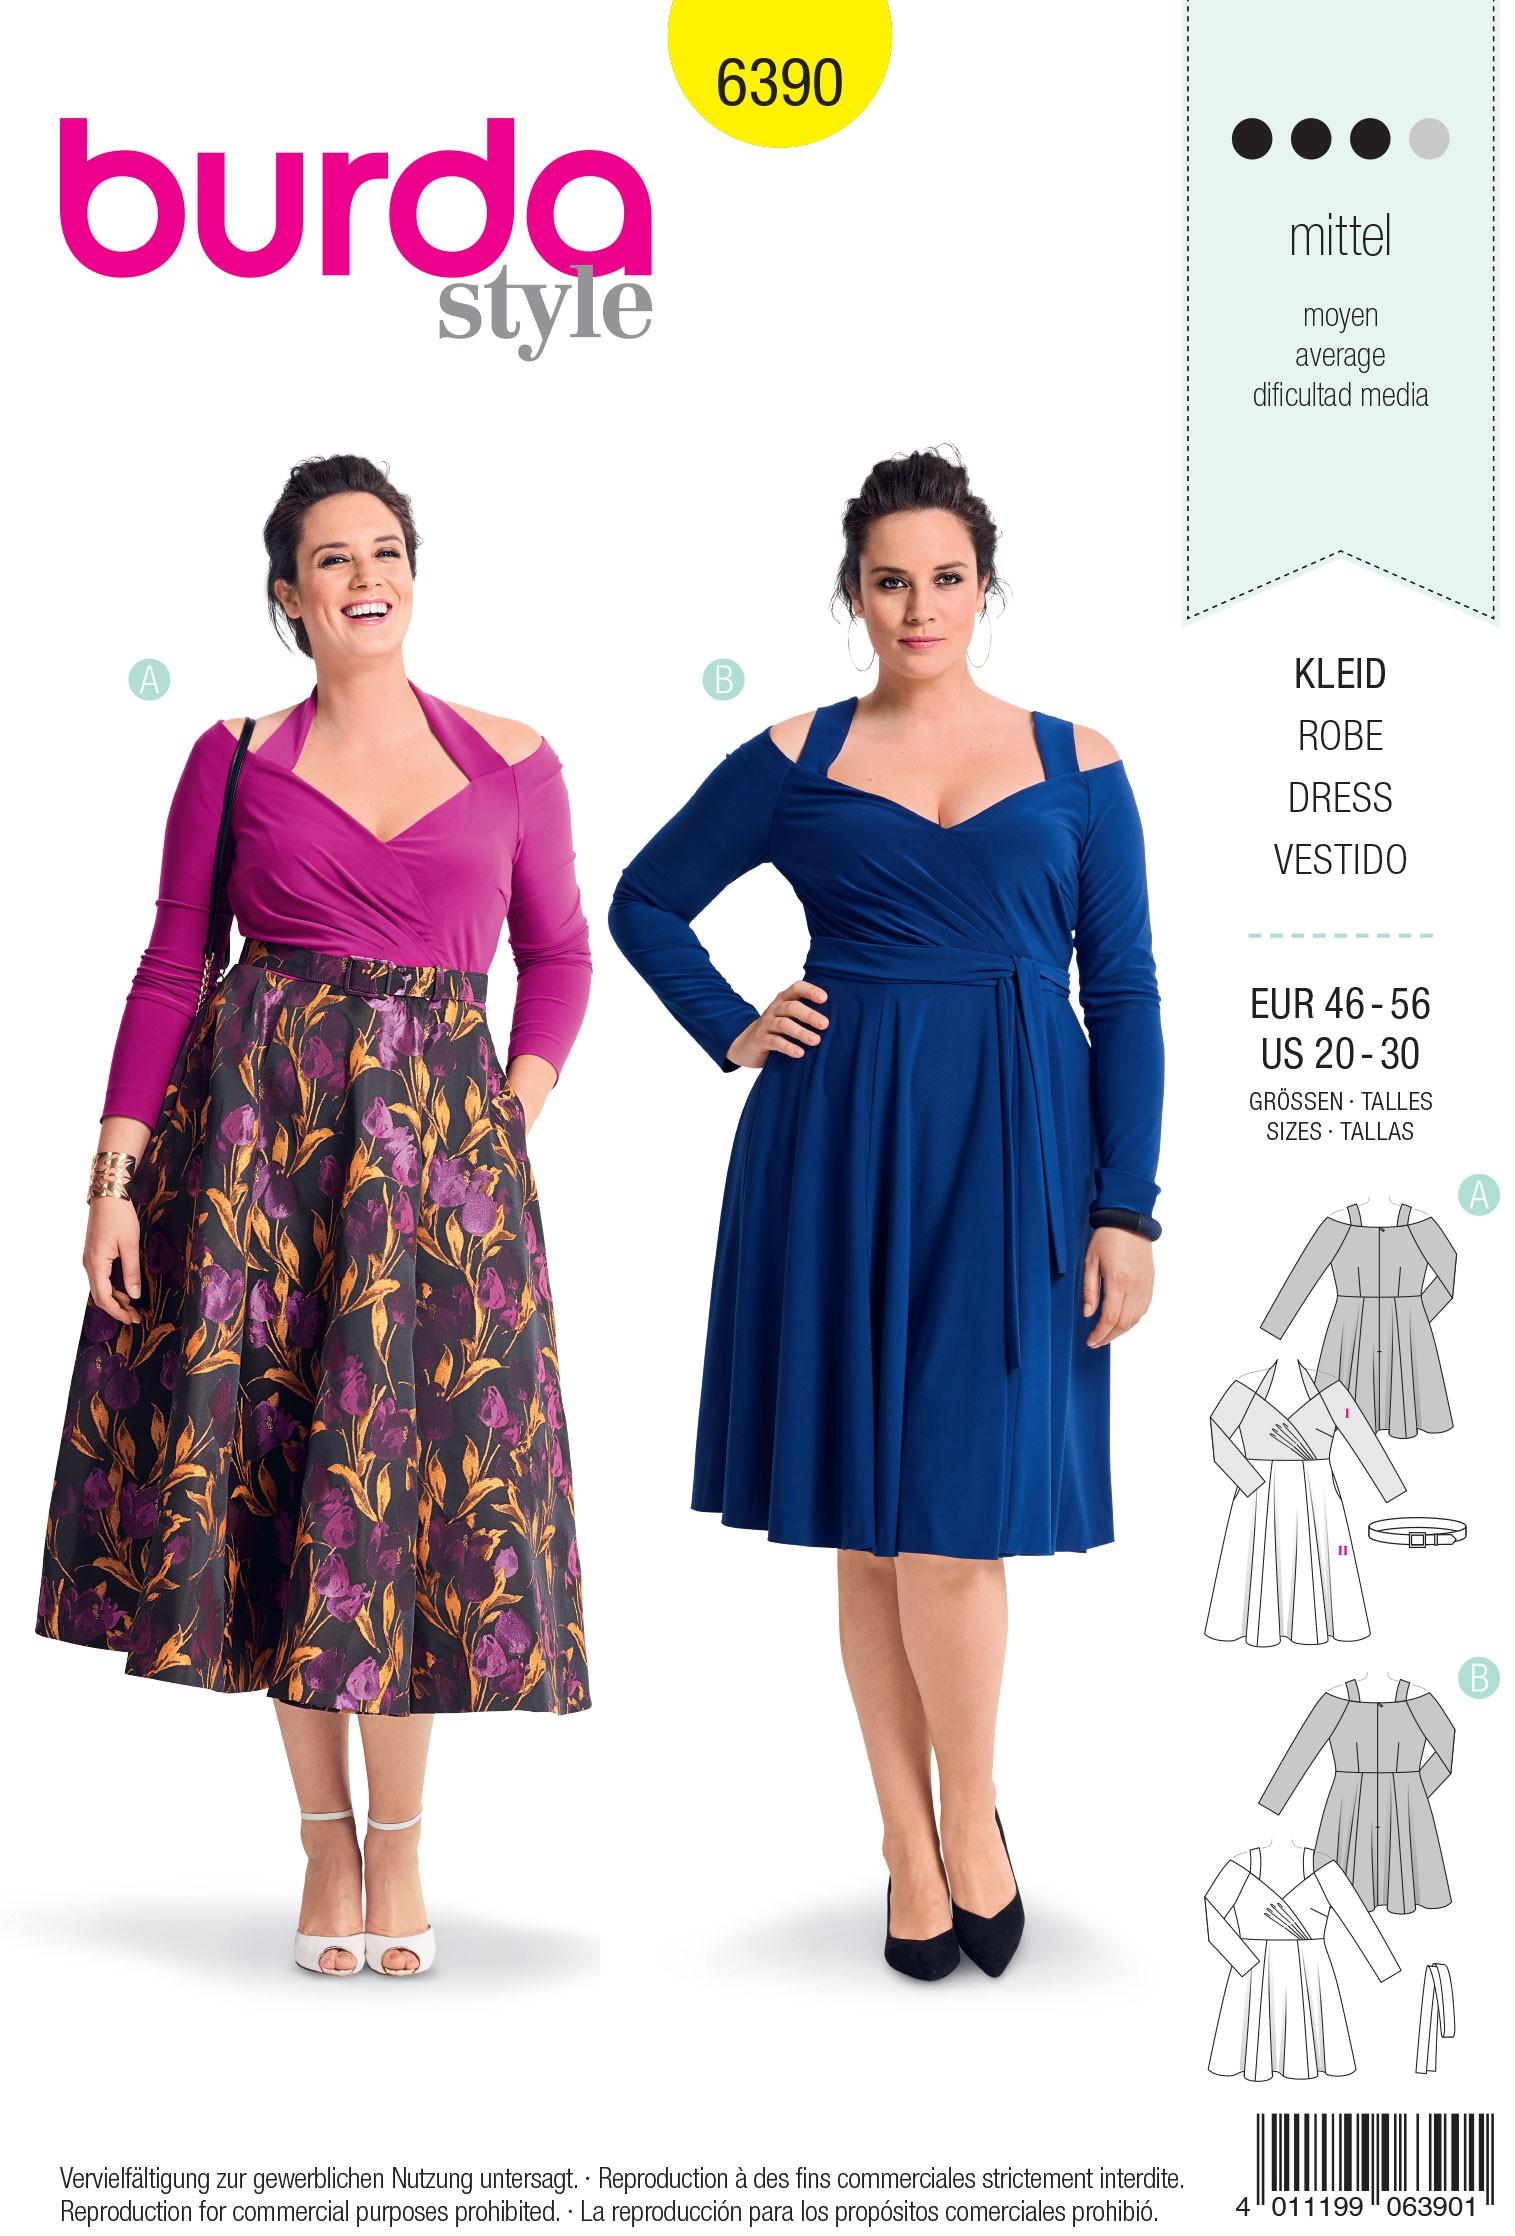 Burda Sewing Pattern 6390 Style Woman's Plus Size High Waisted Dress